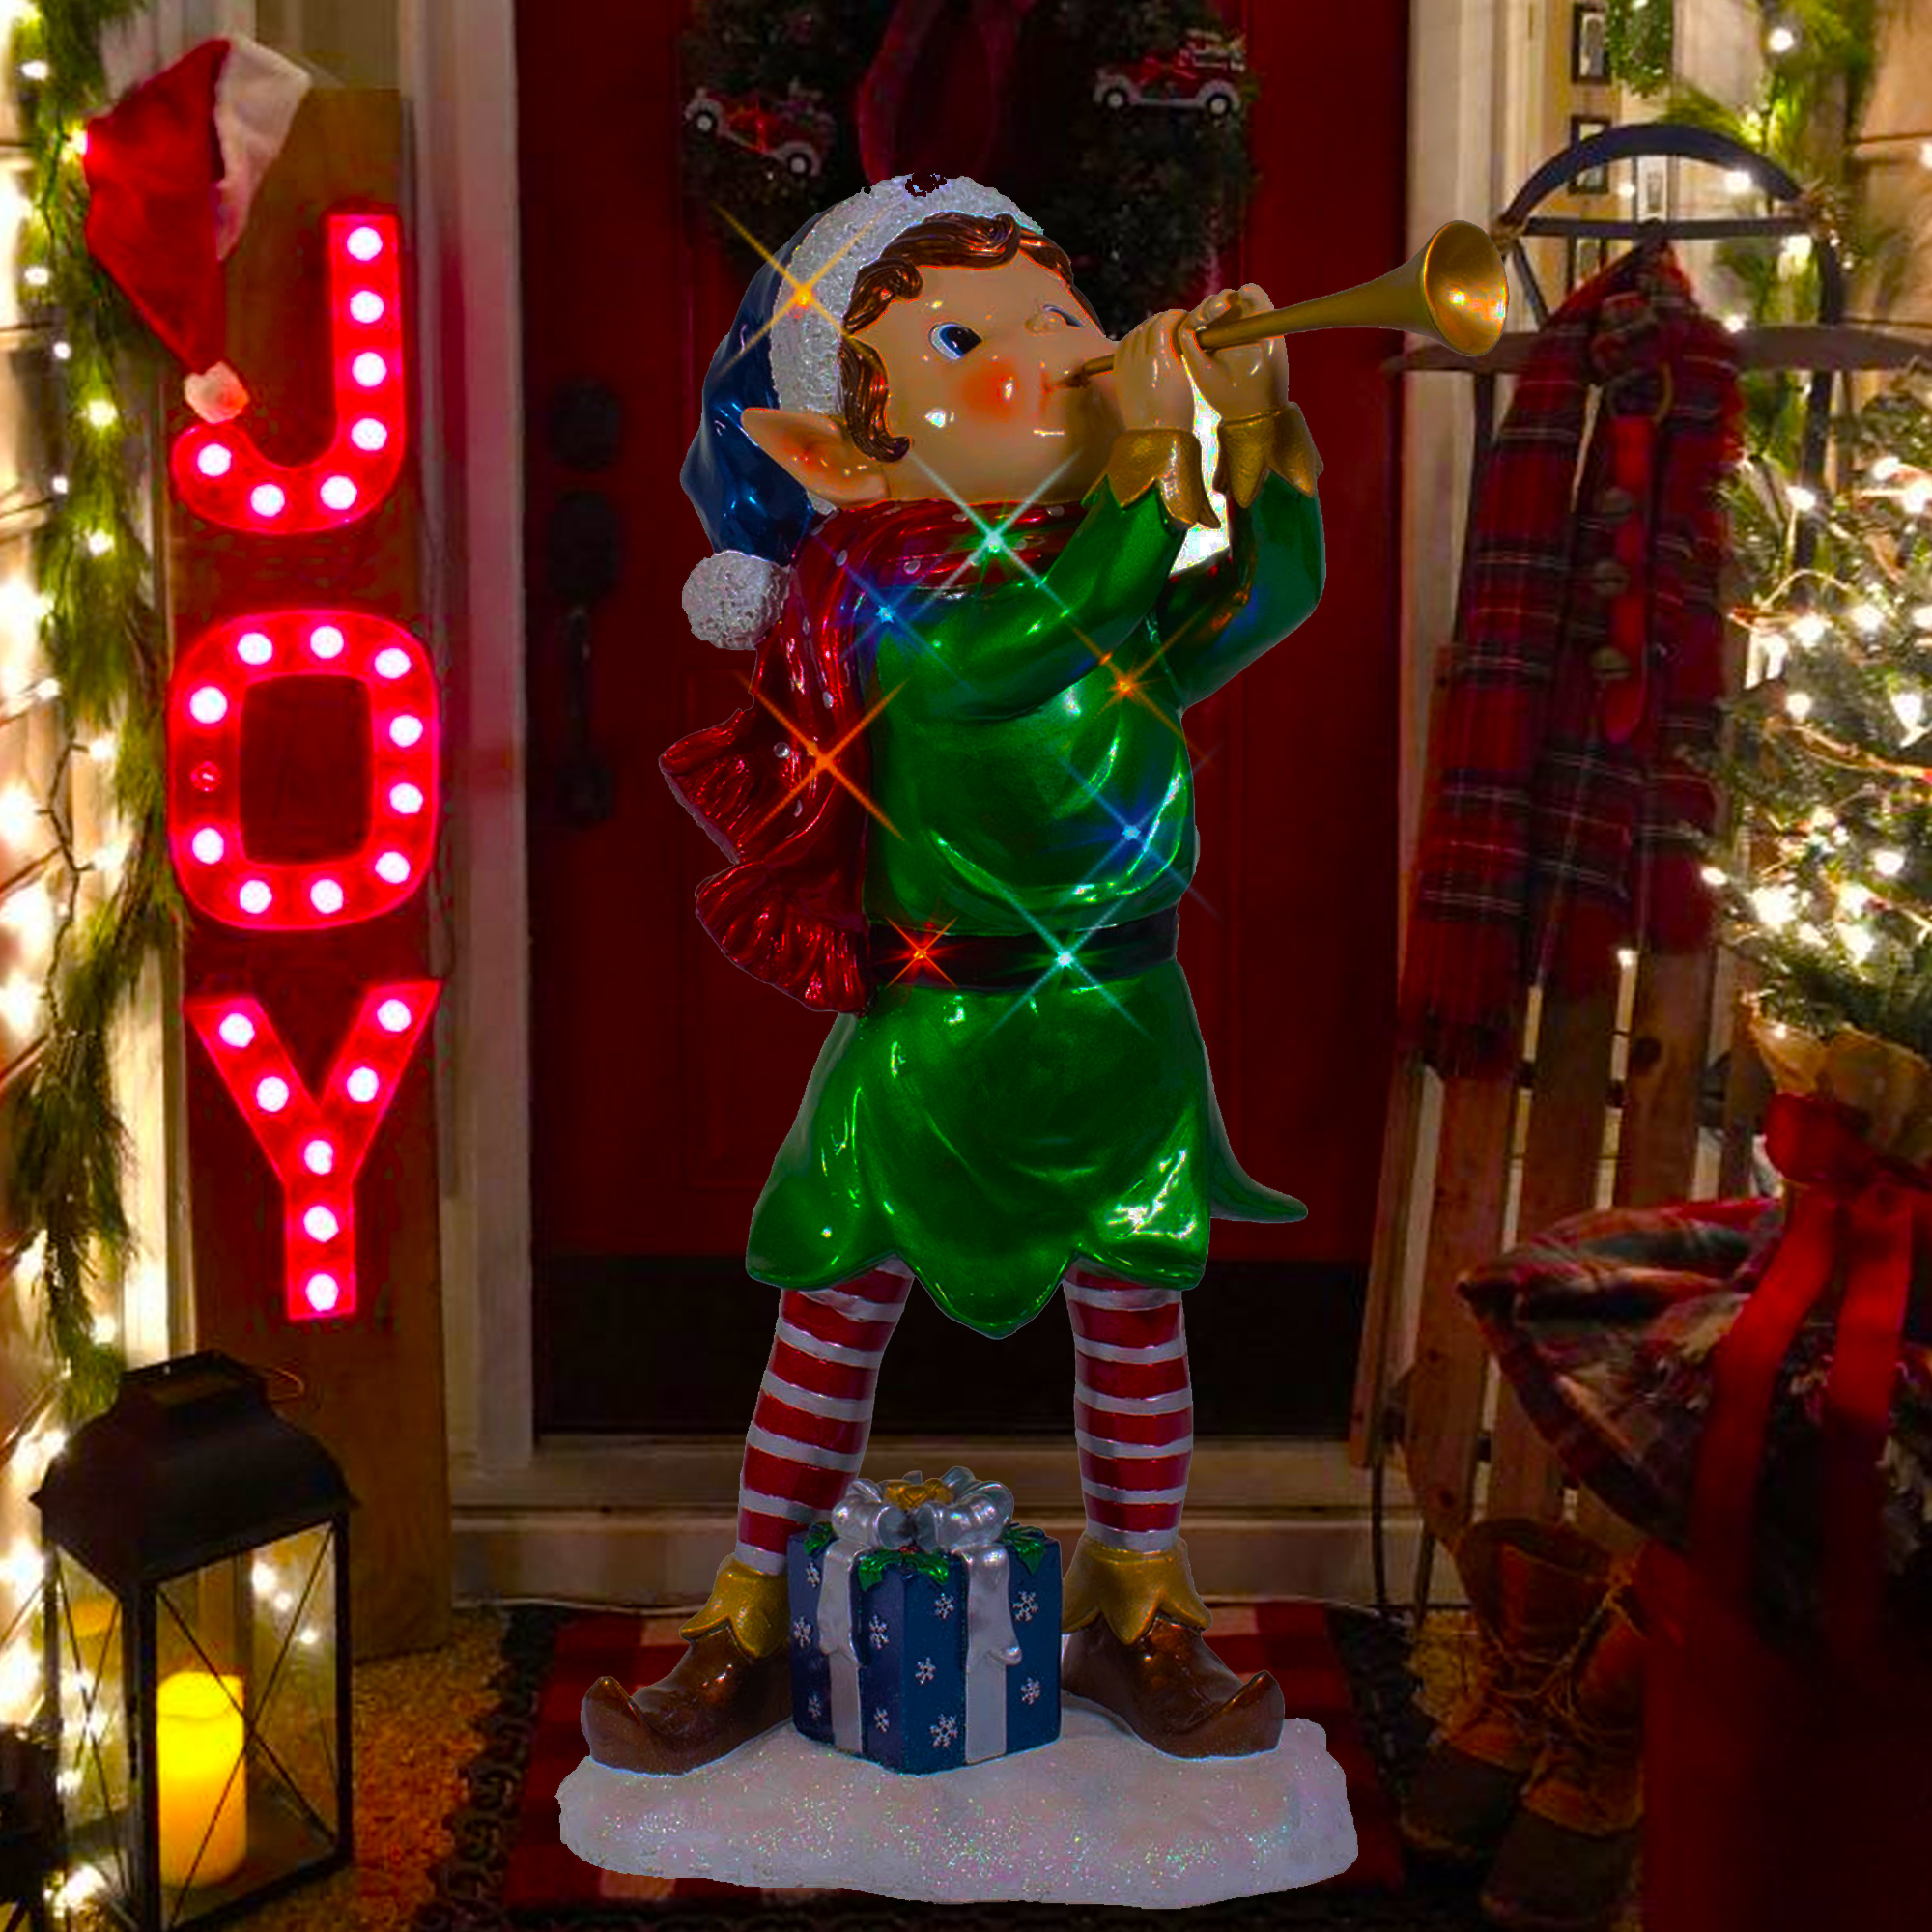 Elf Navidad vacaciones al aire libre de decoraci³n y adornos